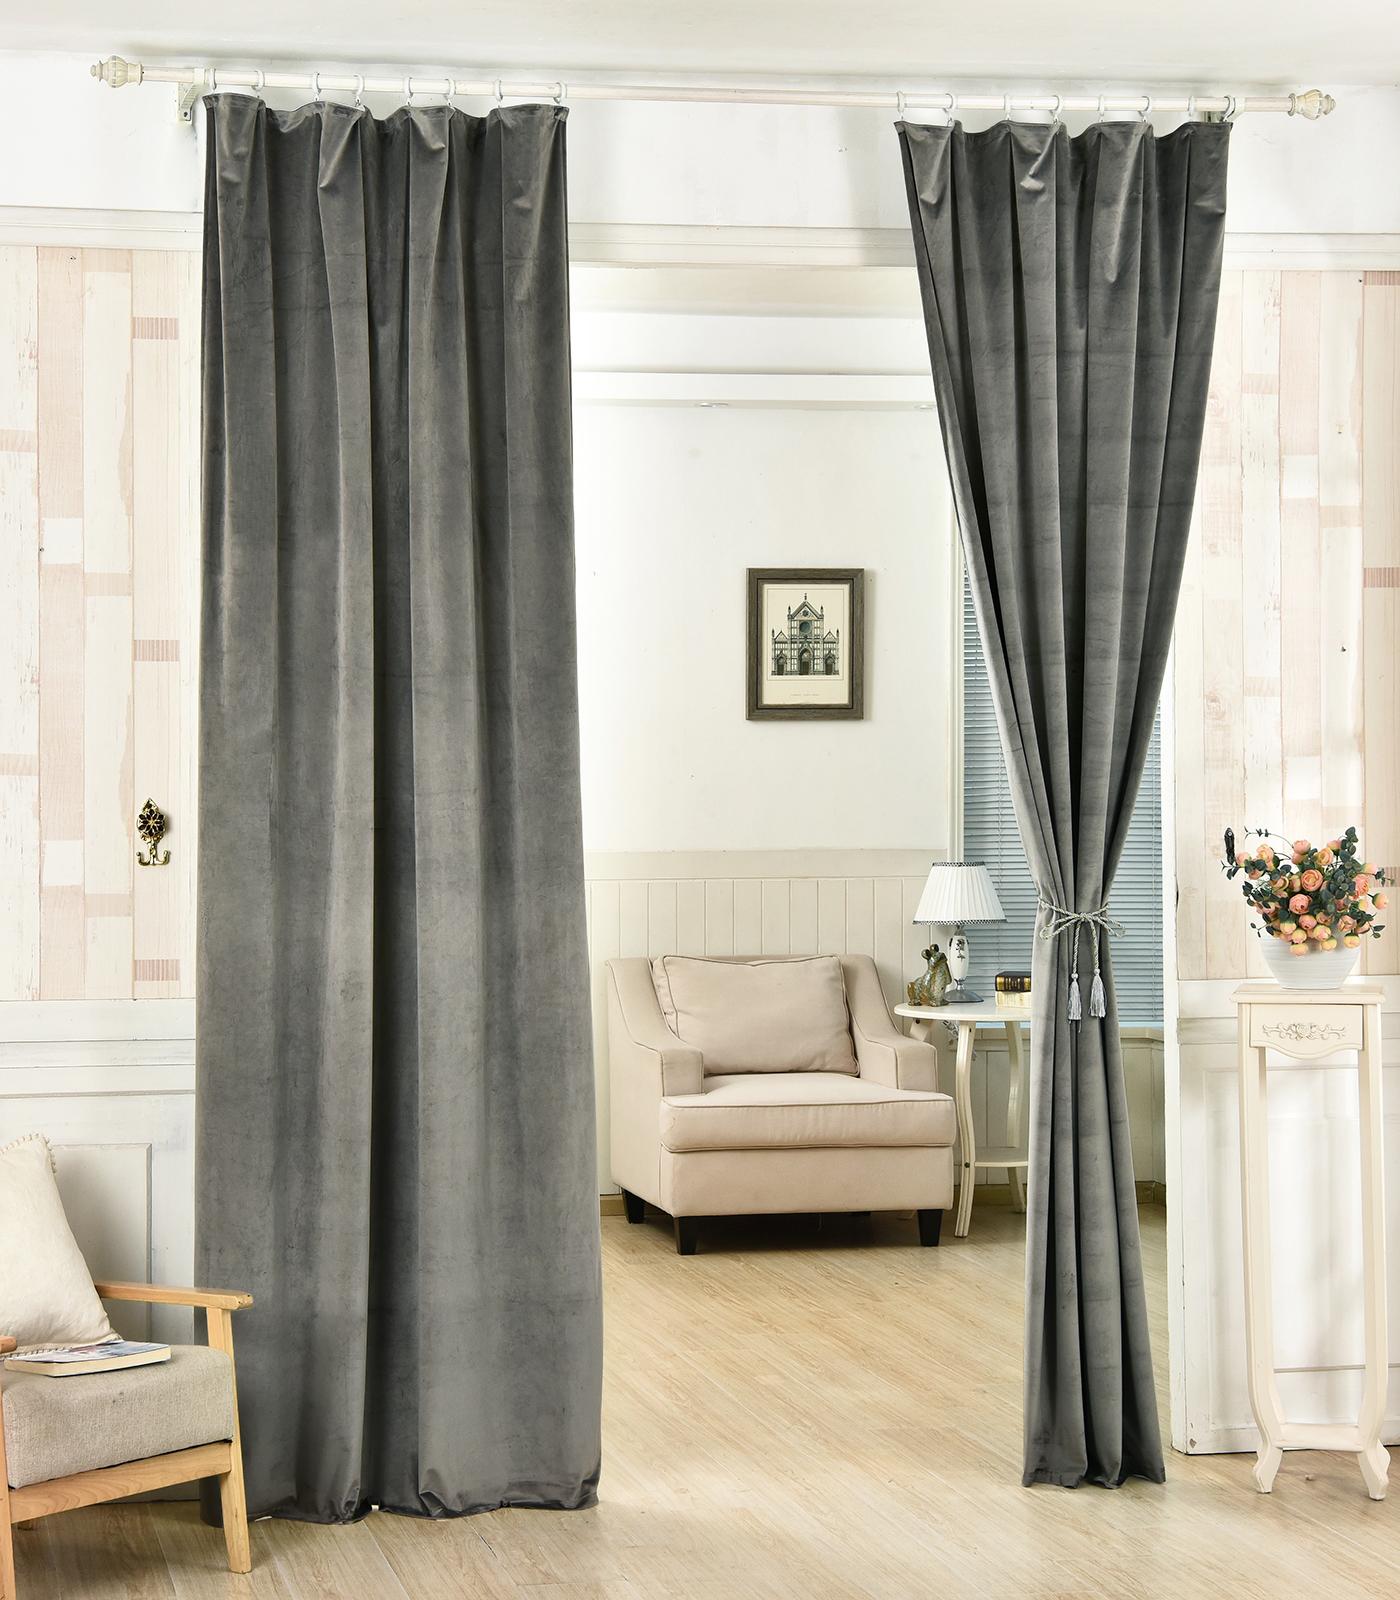 gardinen 2er thermo blickdicht kr usel beflockte 135x245 dunkelgrau vh5874dgr 2 ebay. Black Bedroom Furniture Sets. Home Design Ideas